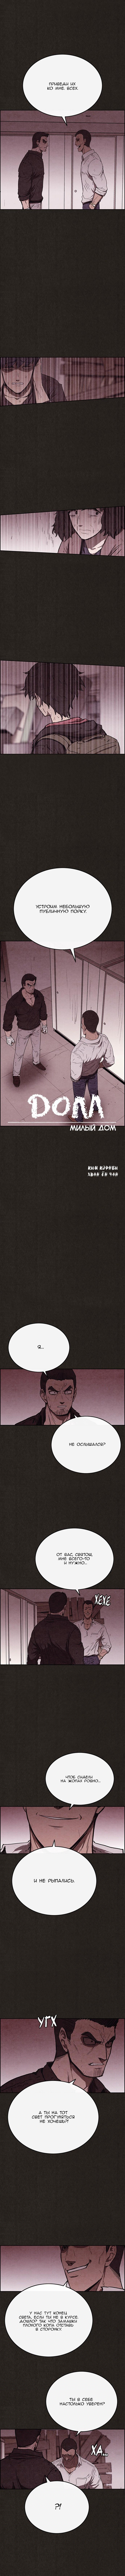 Манга Милый дом / Sweet Home (HWANG Youngchan) - Том 1 Глава 87 Страница 1